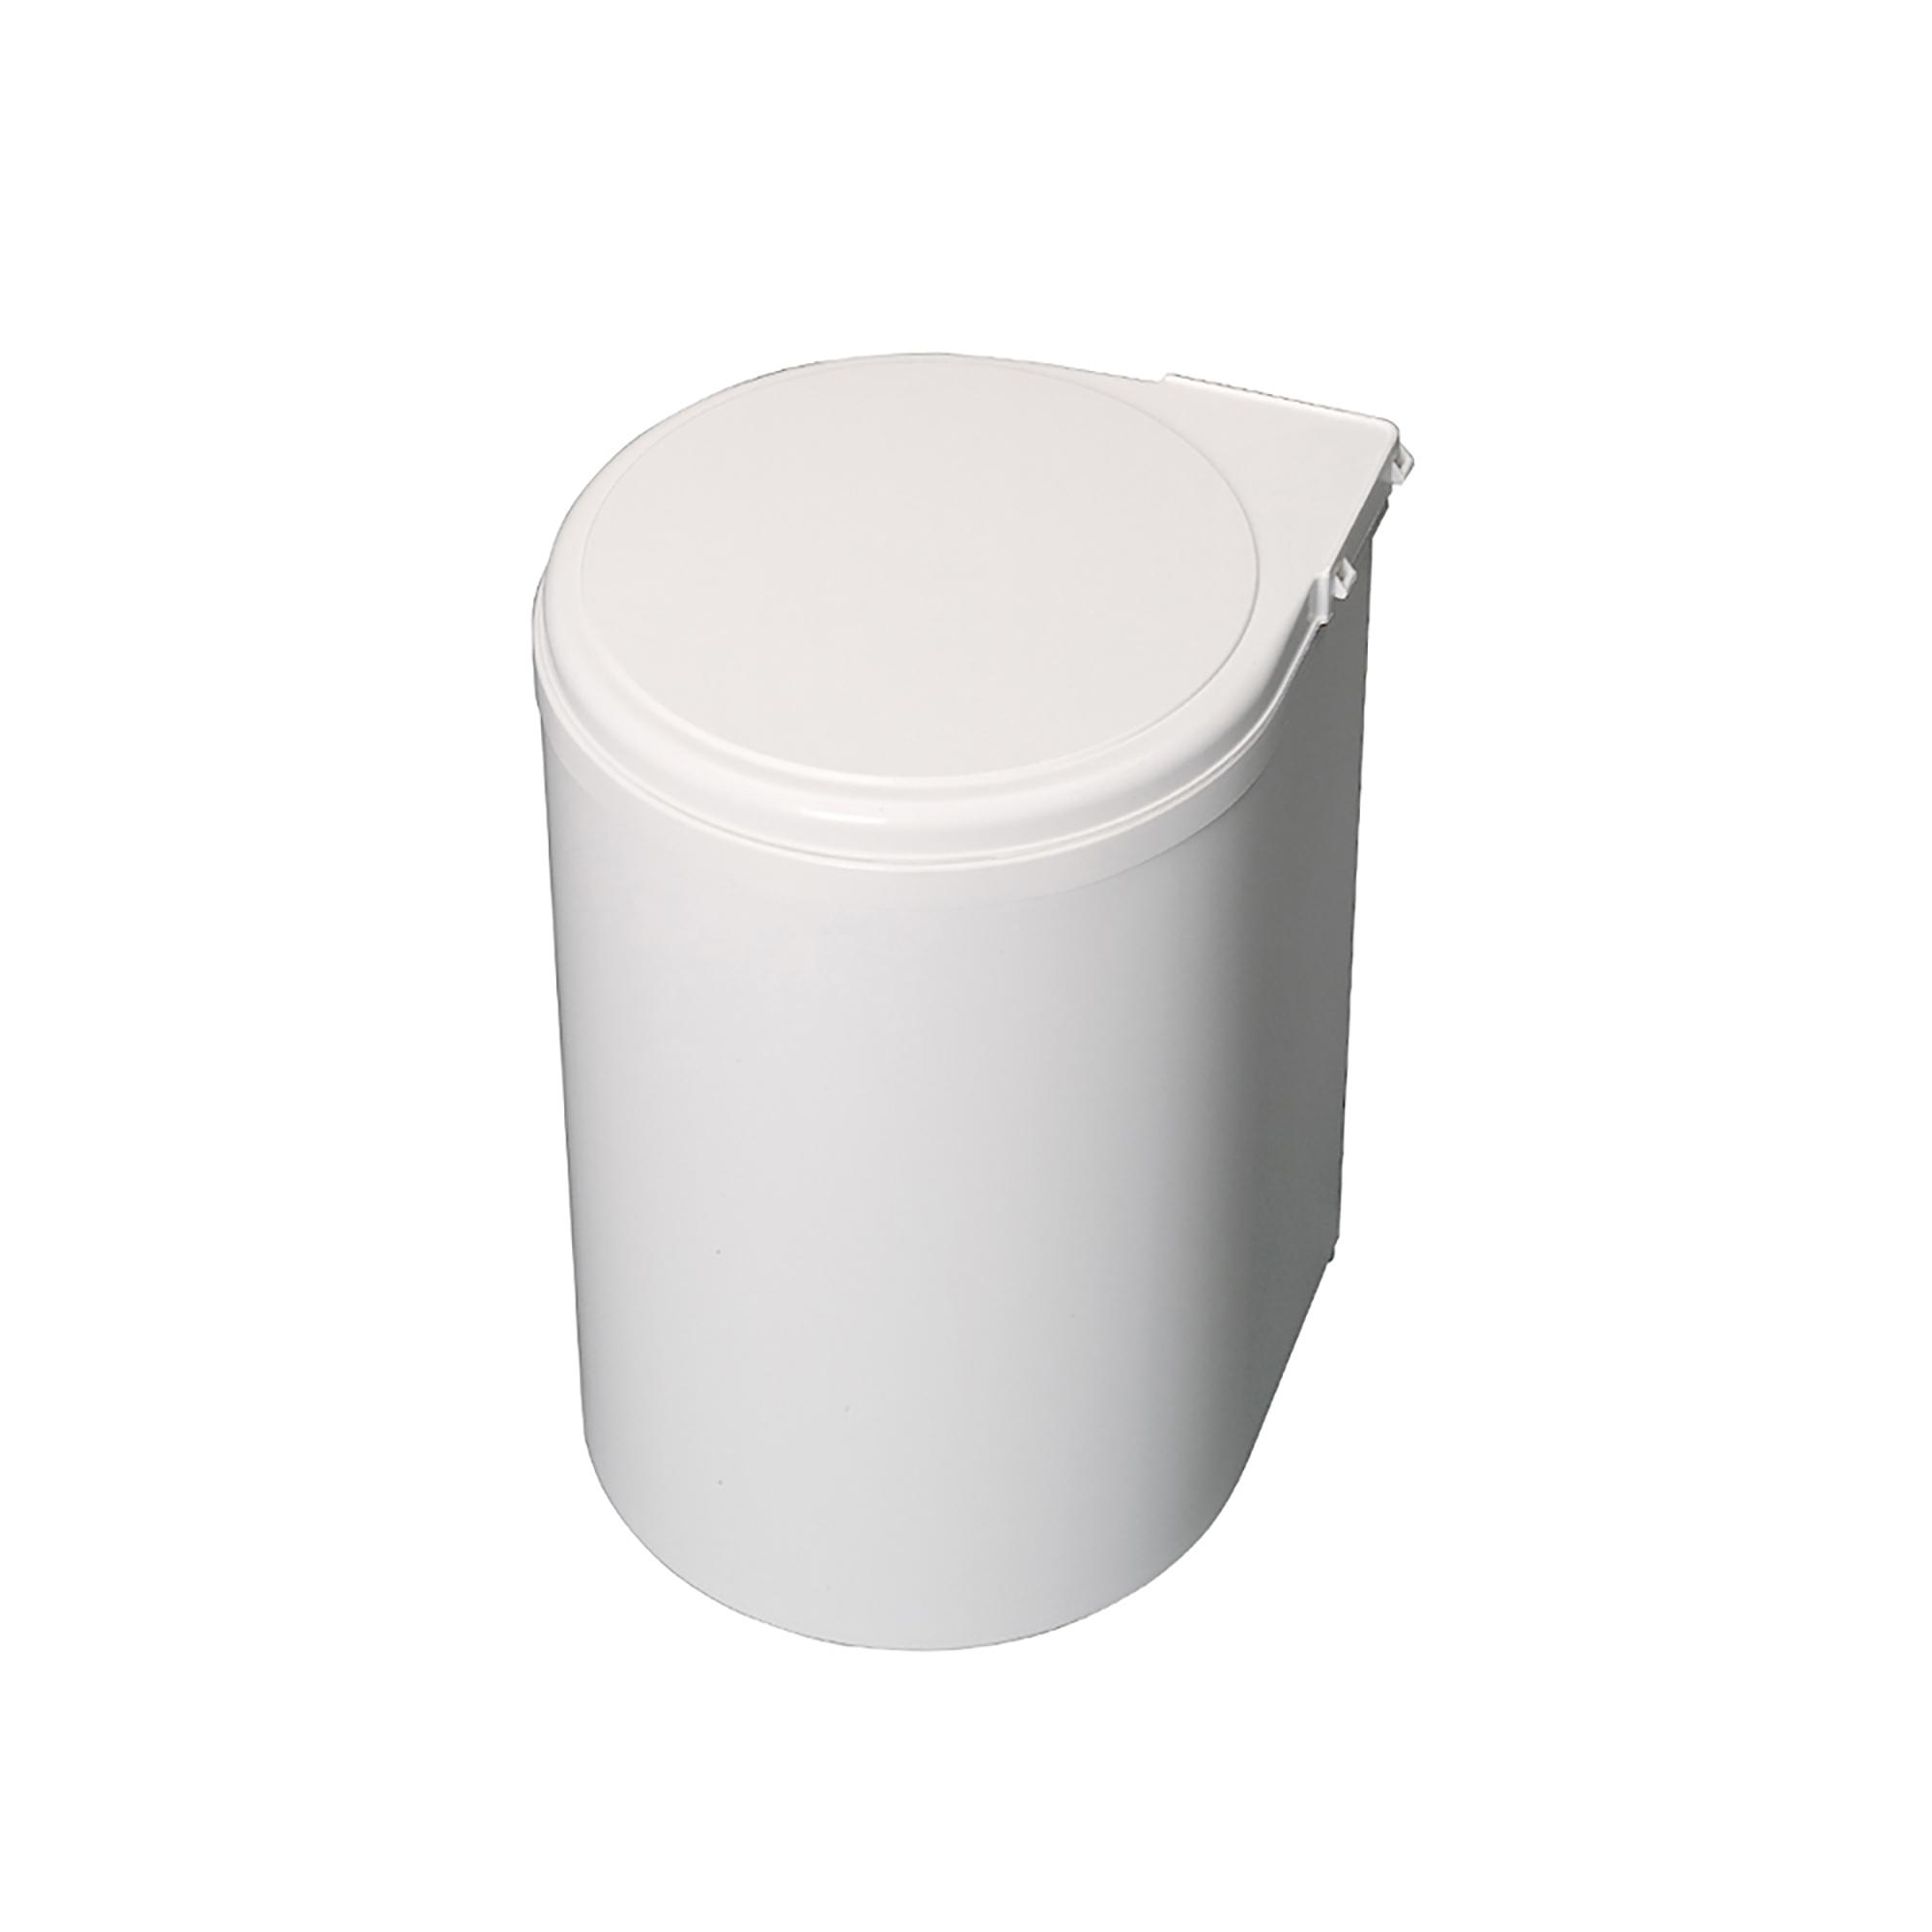 Emuca Pattumiera per differenziata, 13L, fissaggio all'anta, apertura automatica, Plastica, bianca.